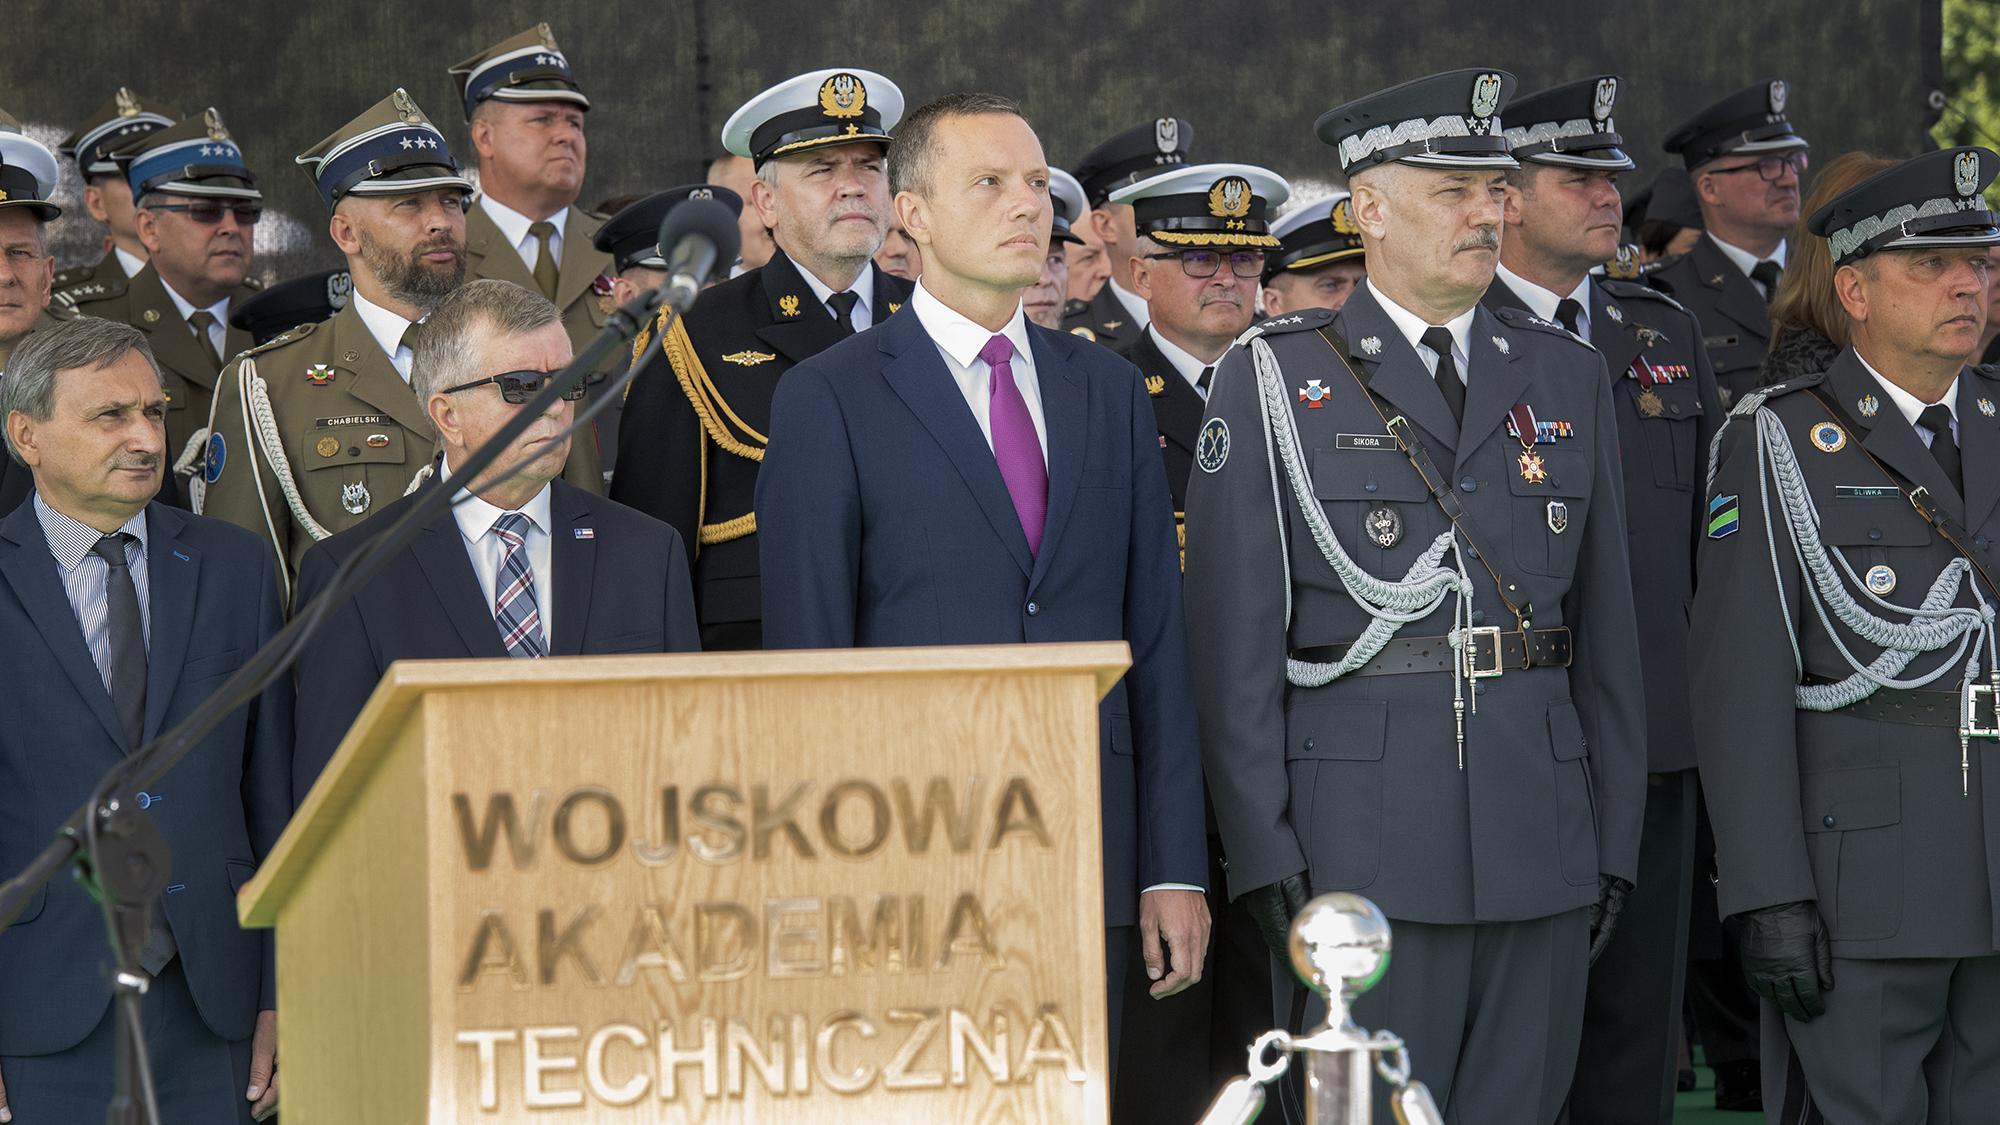 Promocja oficerska, która odbyła się 9 sierpnia w Warszawie przed Grobem Nieznanego Żołnierza (źródło: gov.pl)